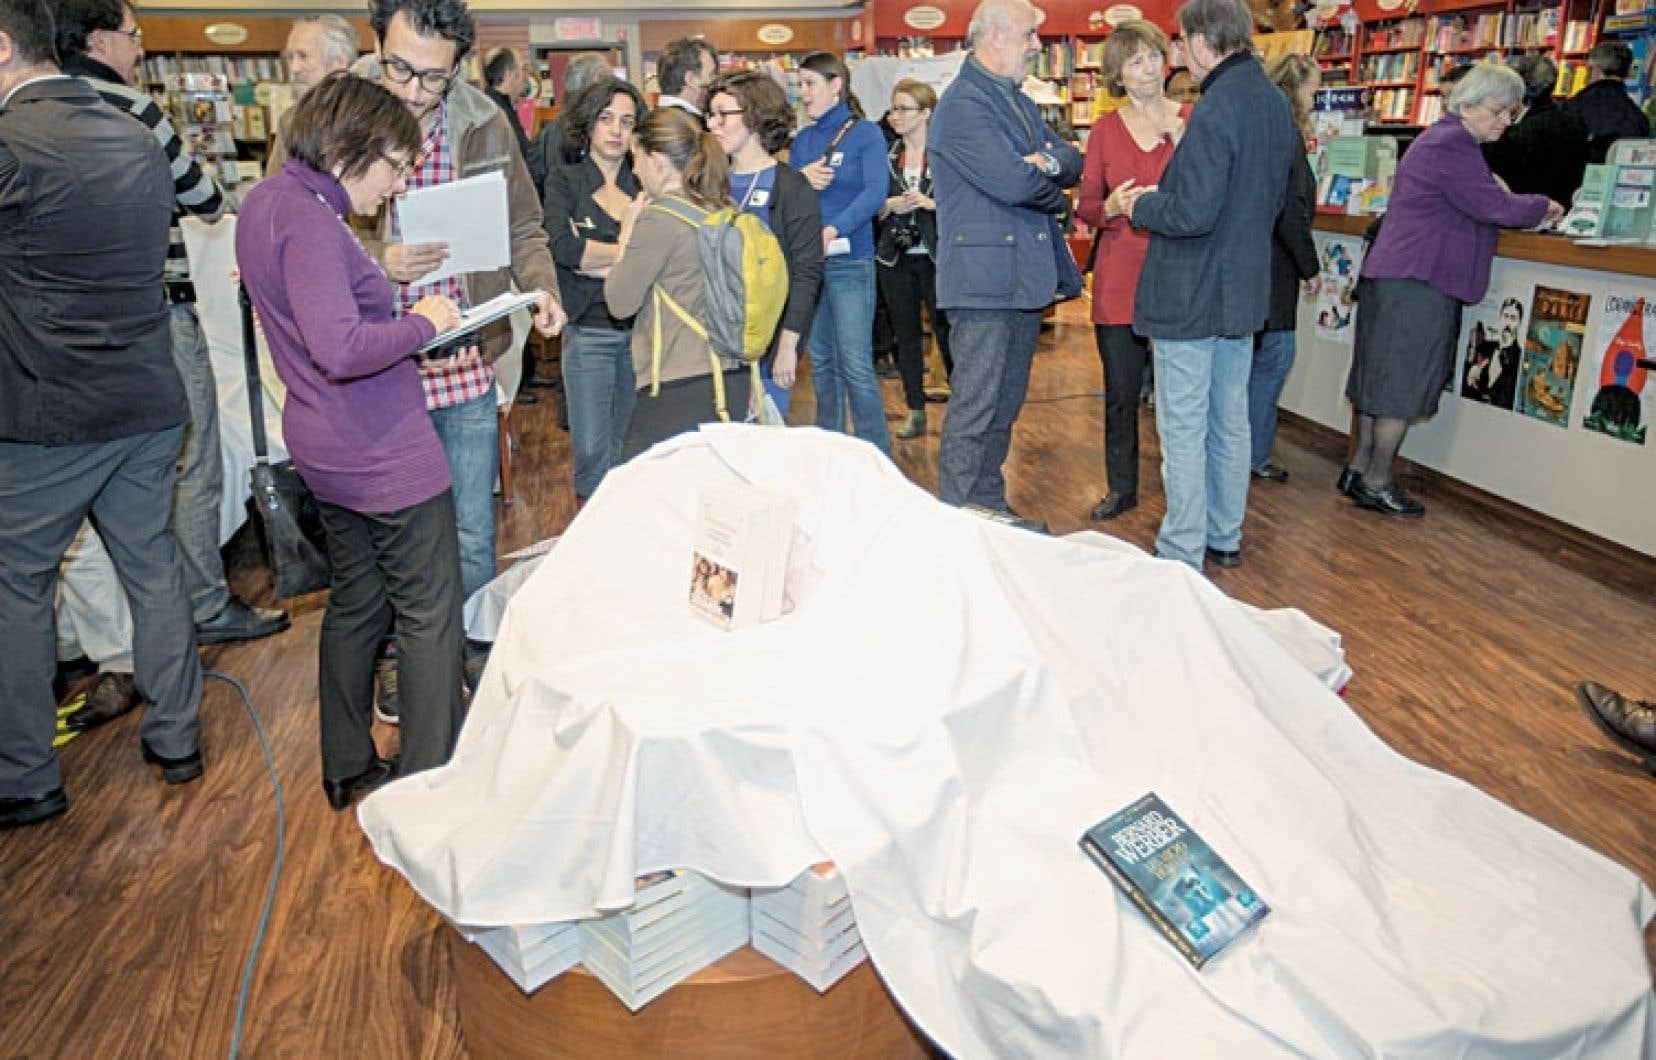 Vendredi, des libraires québécois indépendants ou scolaires ont recouvert une partie de leurs présentoirs et vitrines d'un linceul blanc, afin de démontrer ce qu'il restera des librairies, selon eux, si le gouvernement n'agit pas sur le prix des livres.